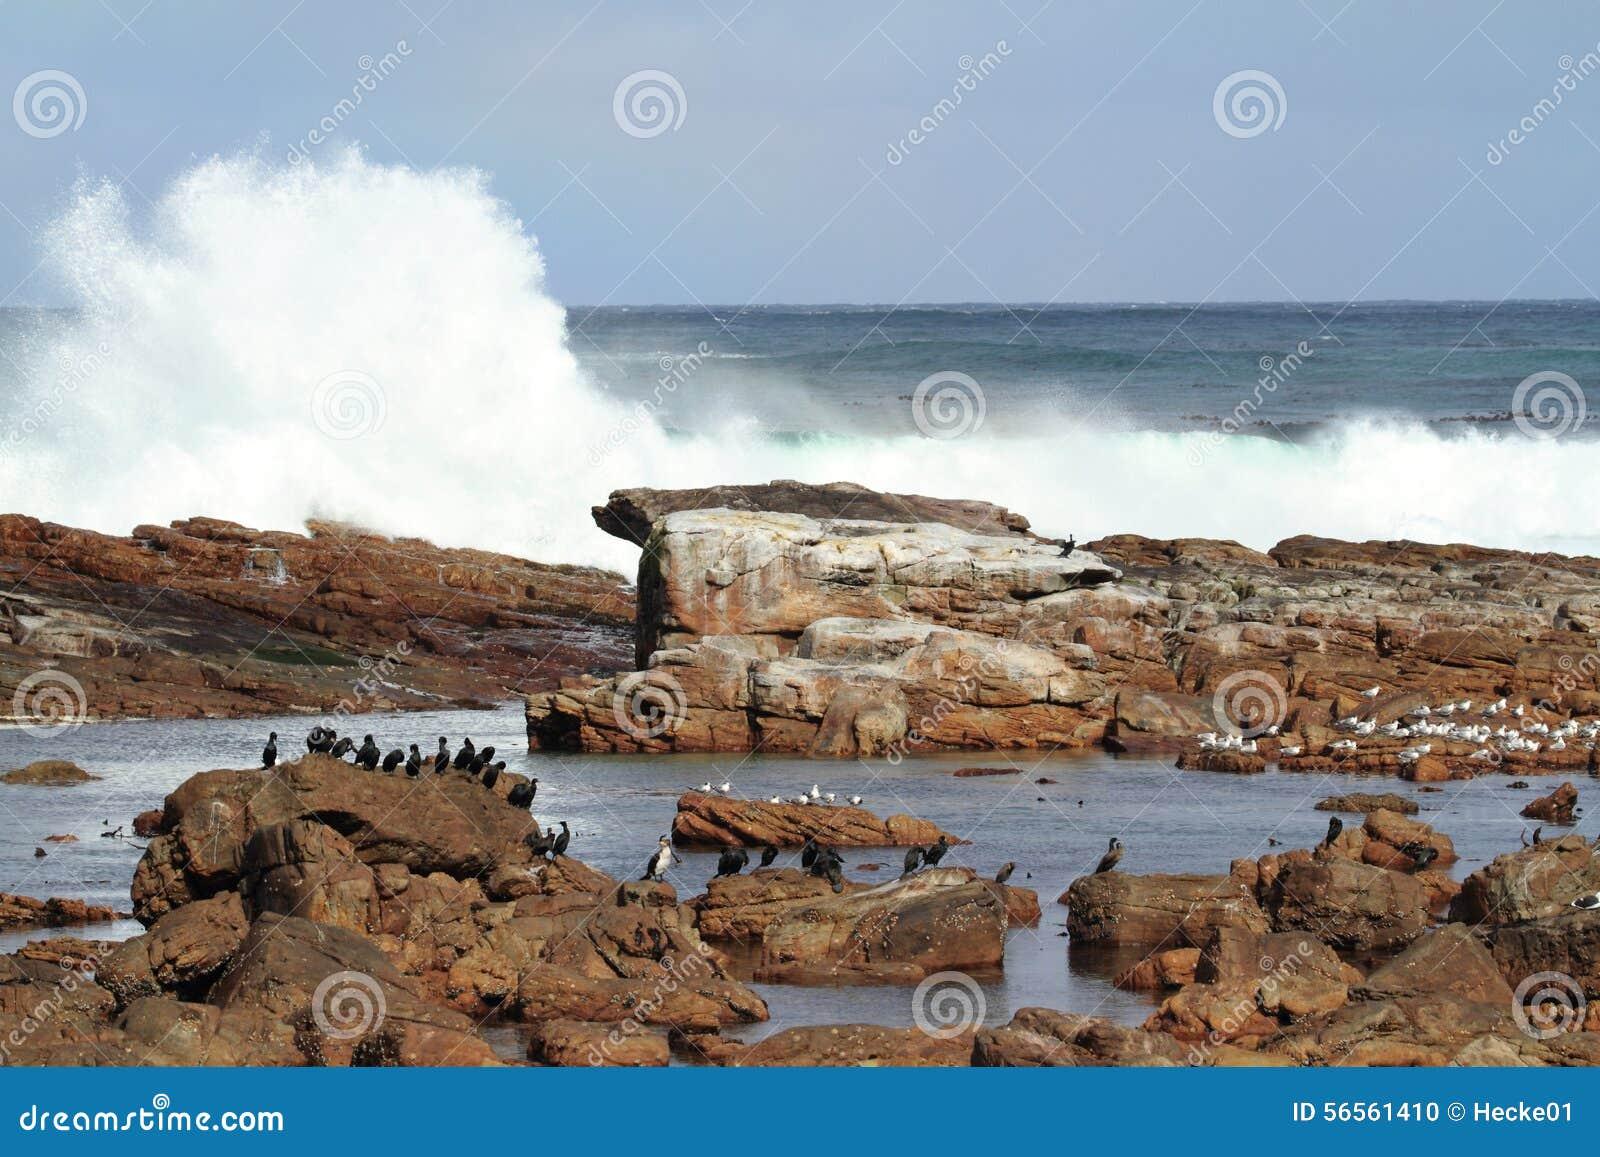 Download Κορμοράνοι στην ακτή του ακρωτηρίου της καλής ελπίδας Στοκ Εικόνες - εικόνα από ακρωτήριο, κυματωγή: 56561410